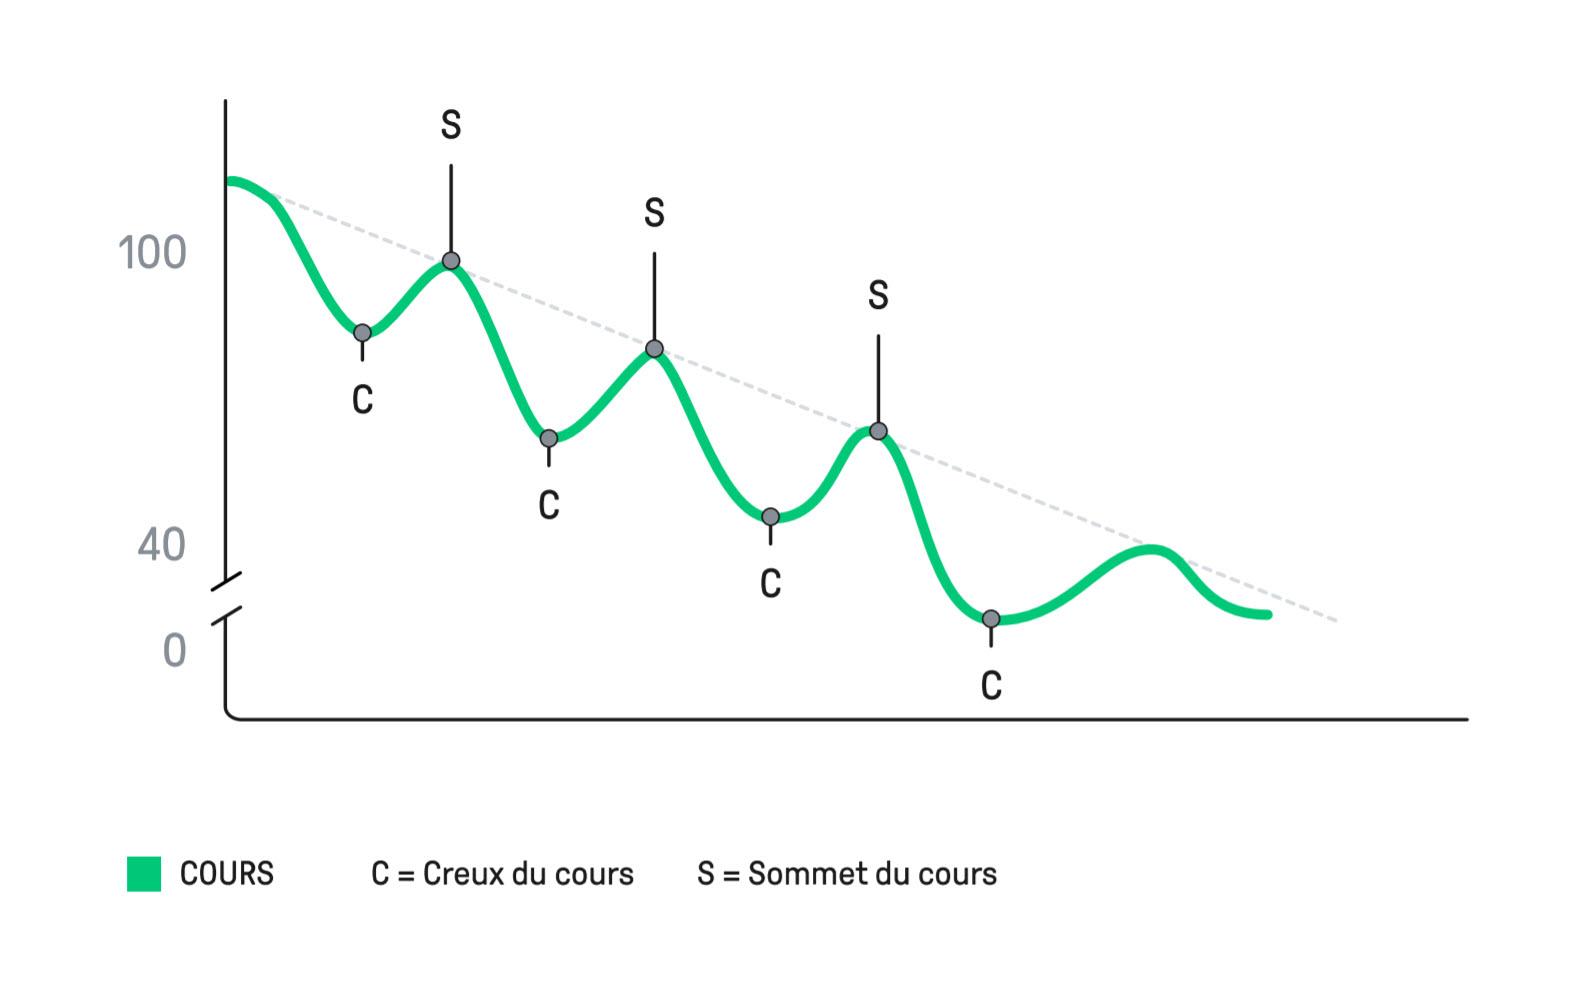 stratégie forex - tendance à la baisse - article 7 Forex eBook